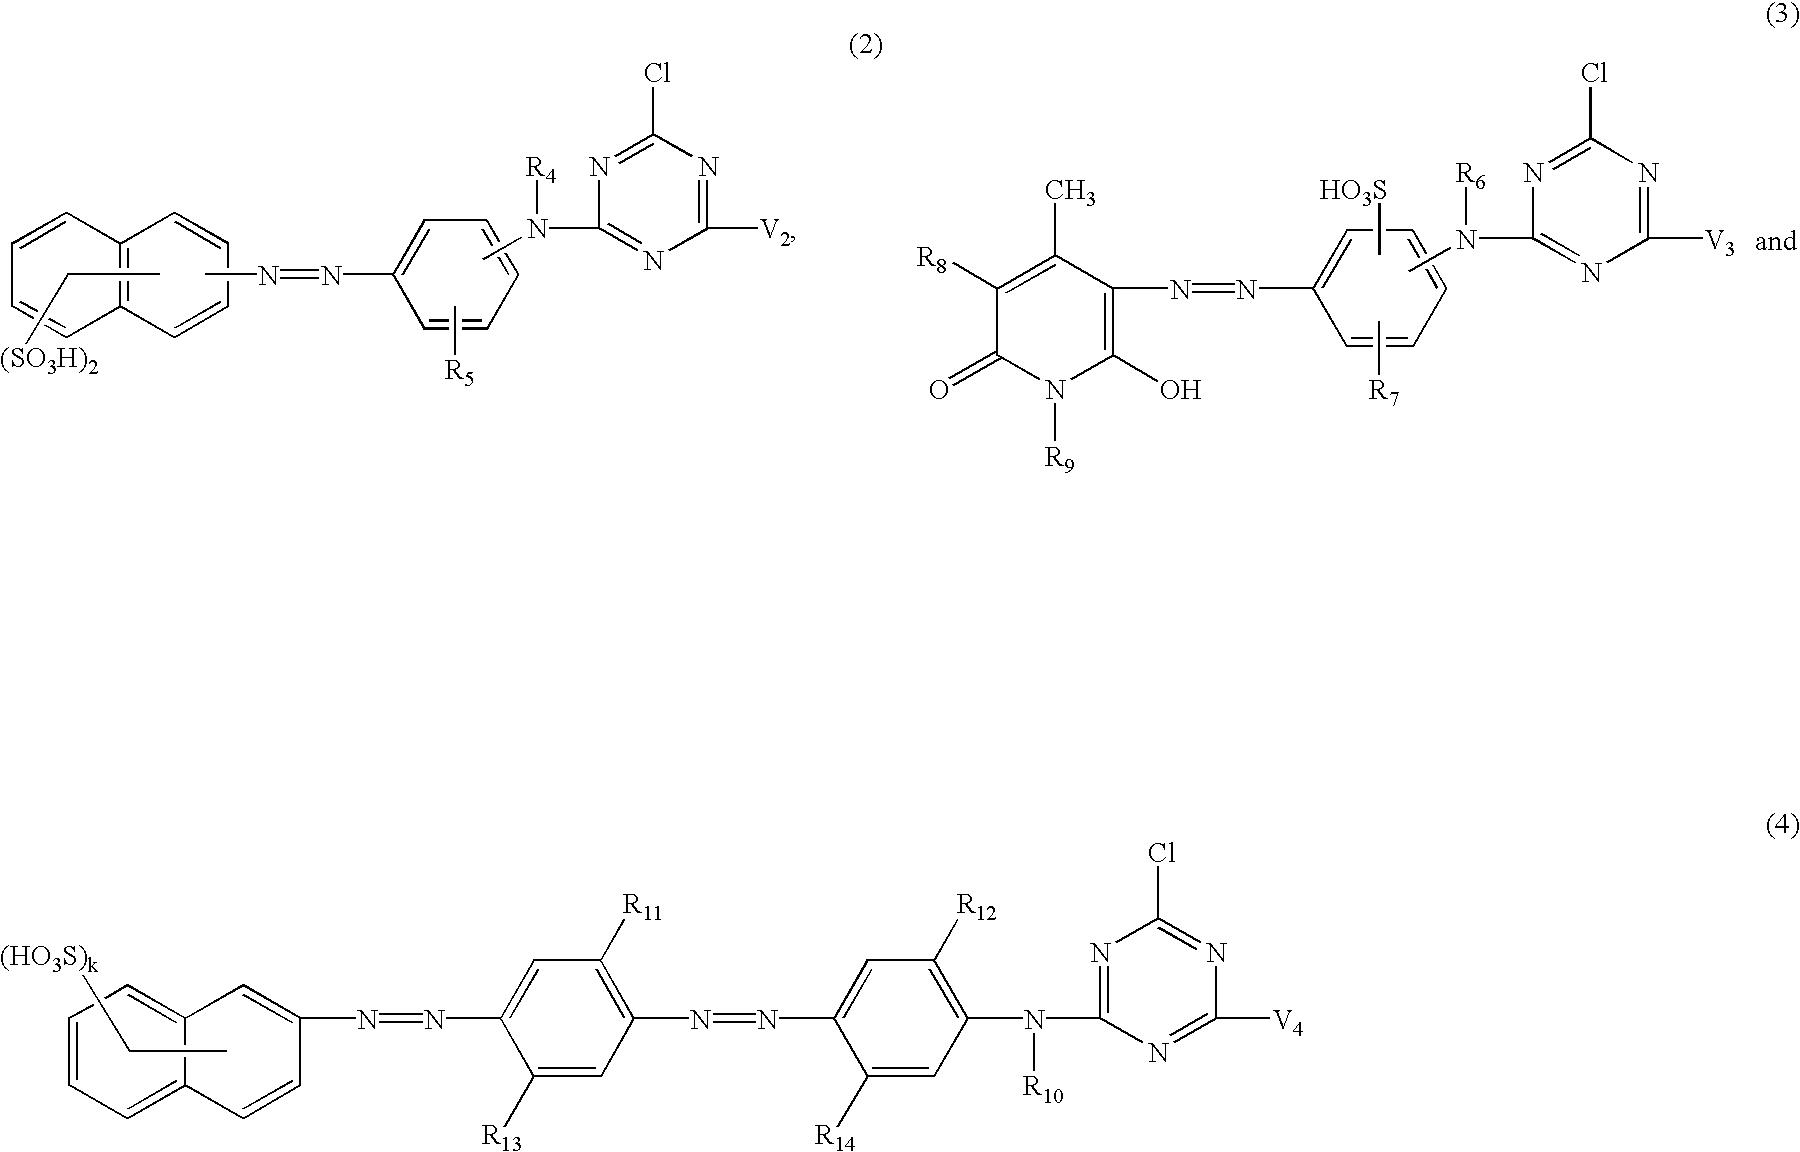 Figure US20030097721A1-20030529-C00005